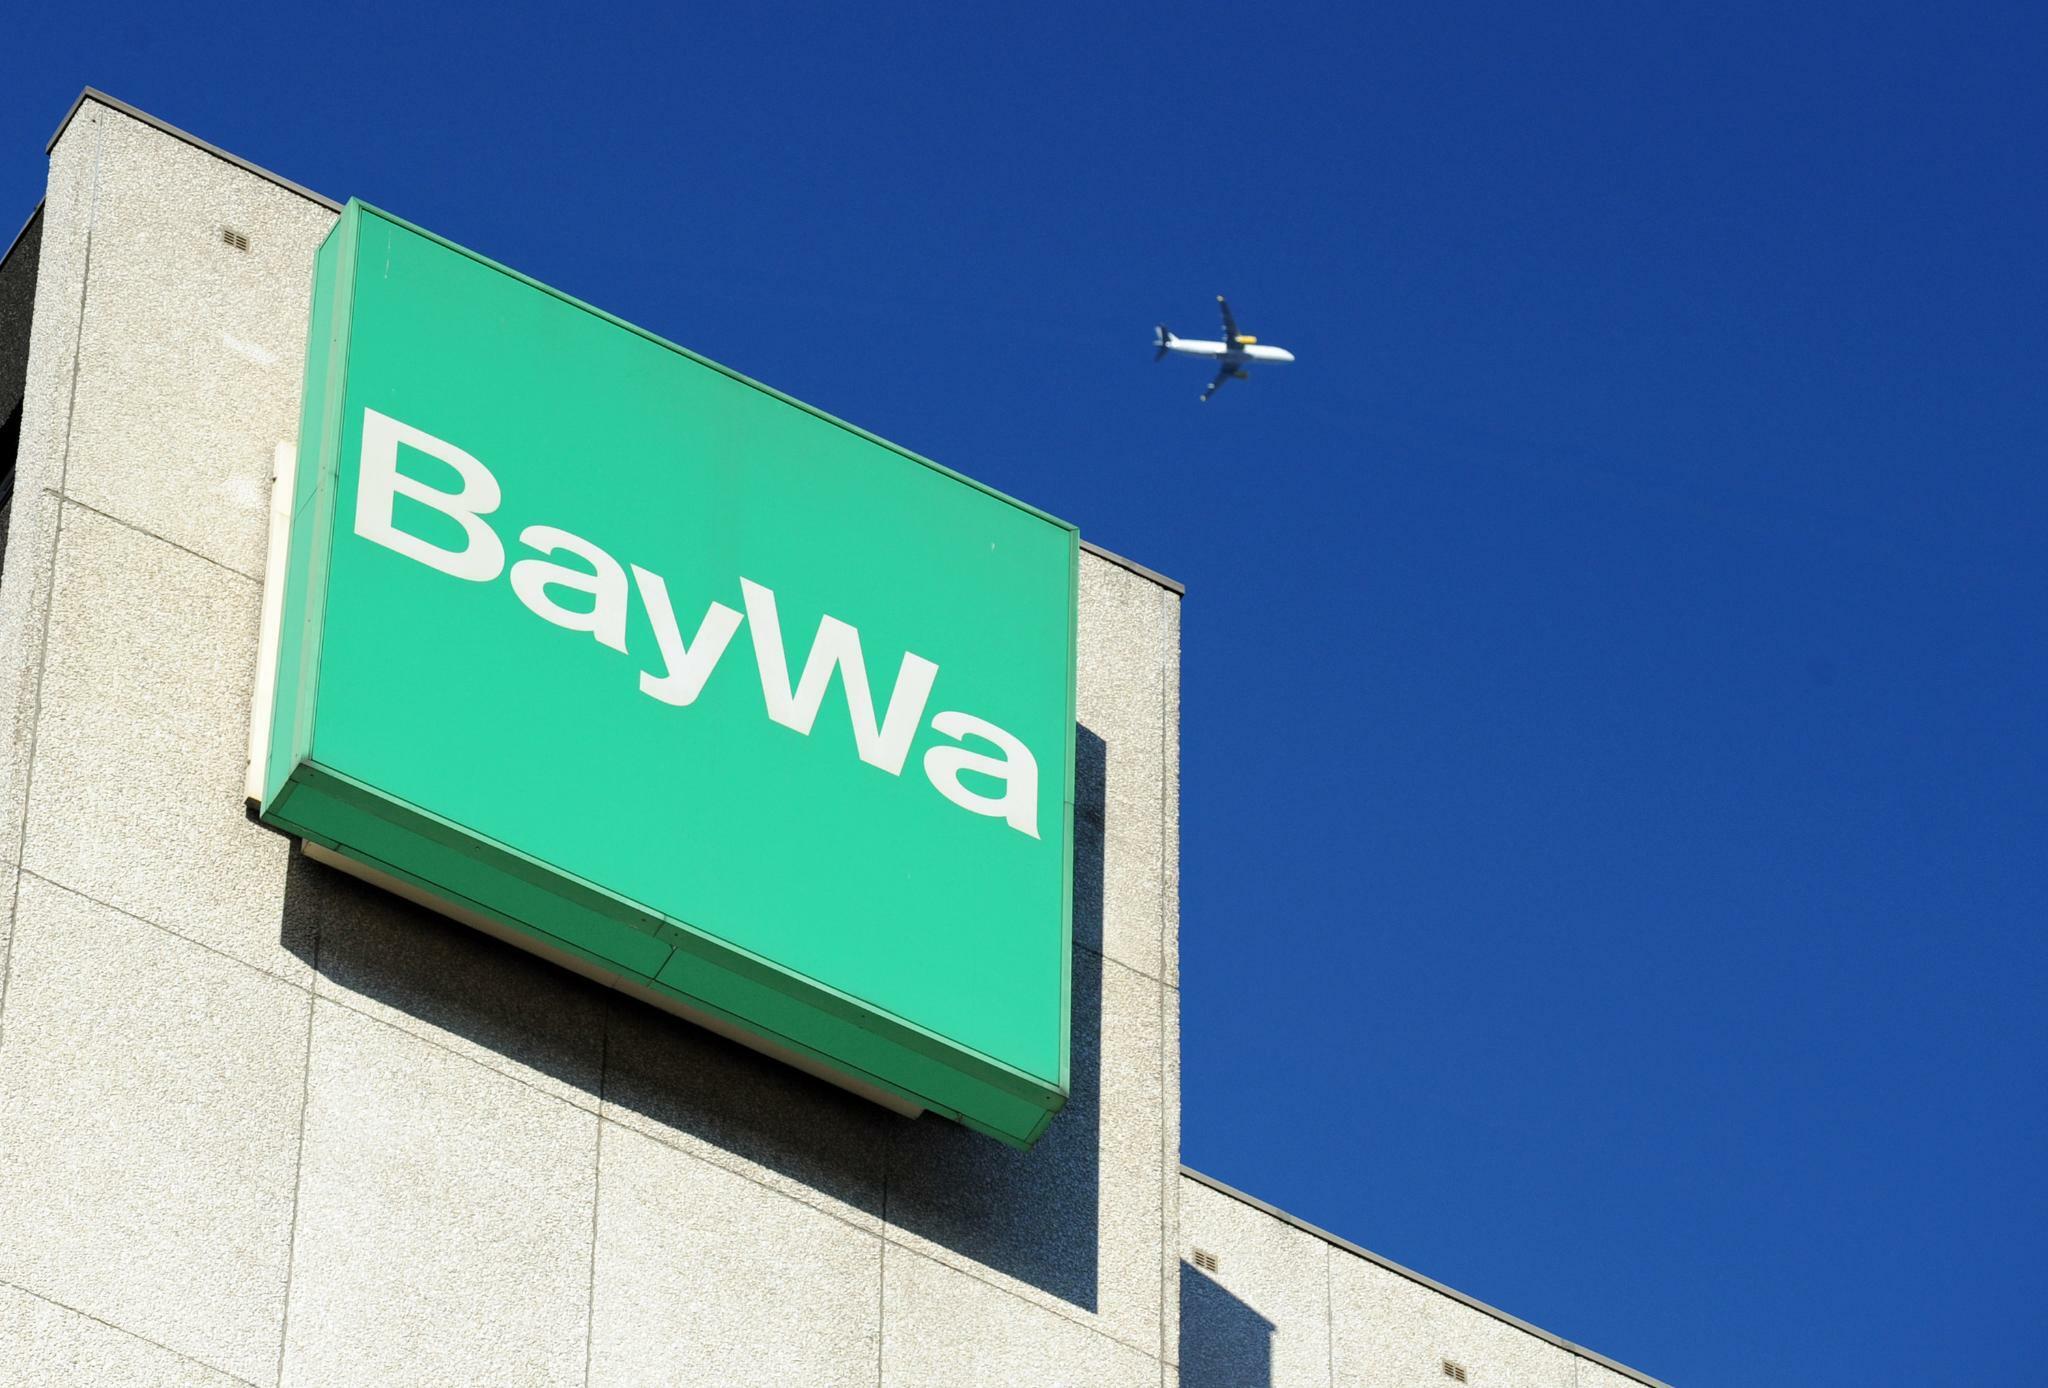 BayWa zahlt Bundeskartellamt Bußgeld von knapp 70 Millionen Euro